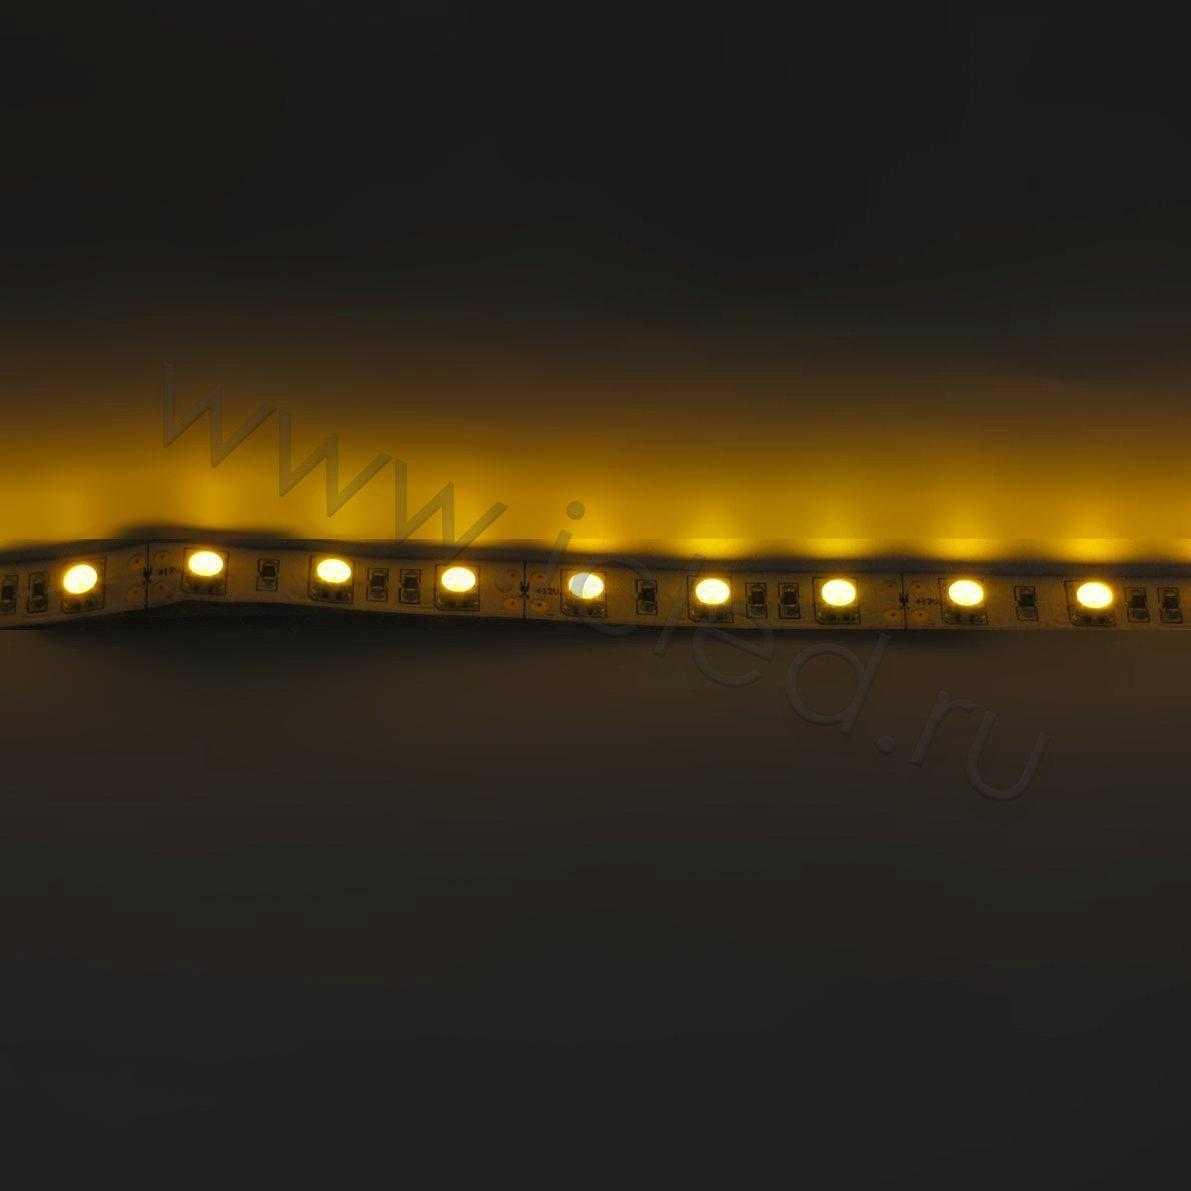 Светодиодная лента Class B, 5050, 60led/m, Yellow, 12V, IP33